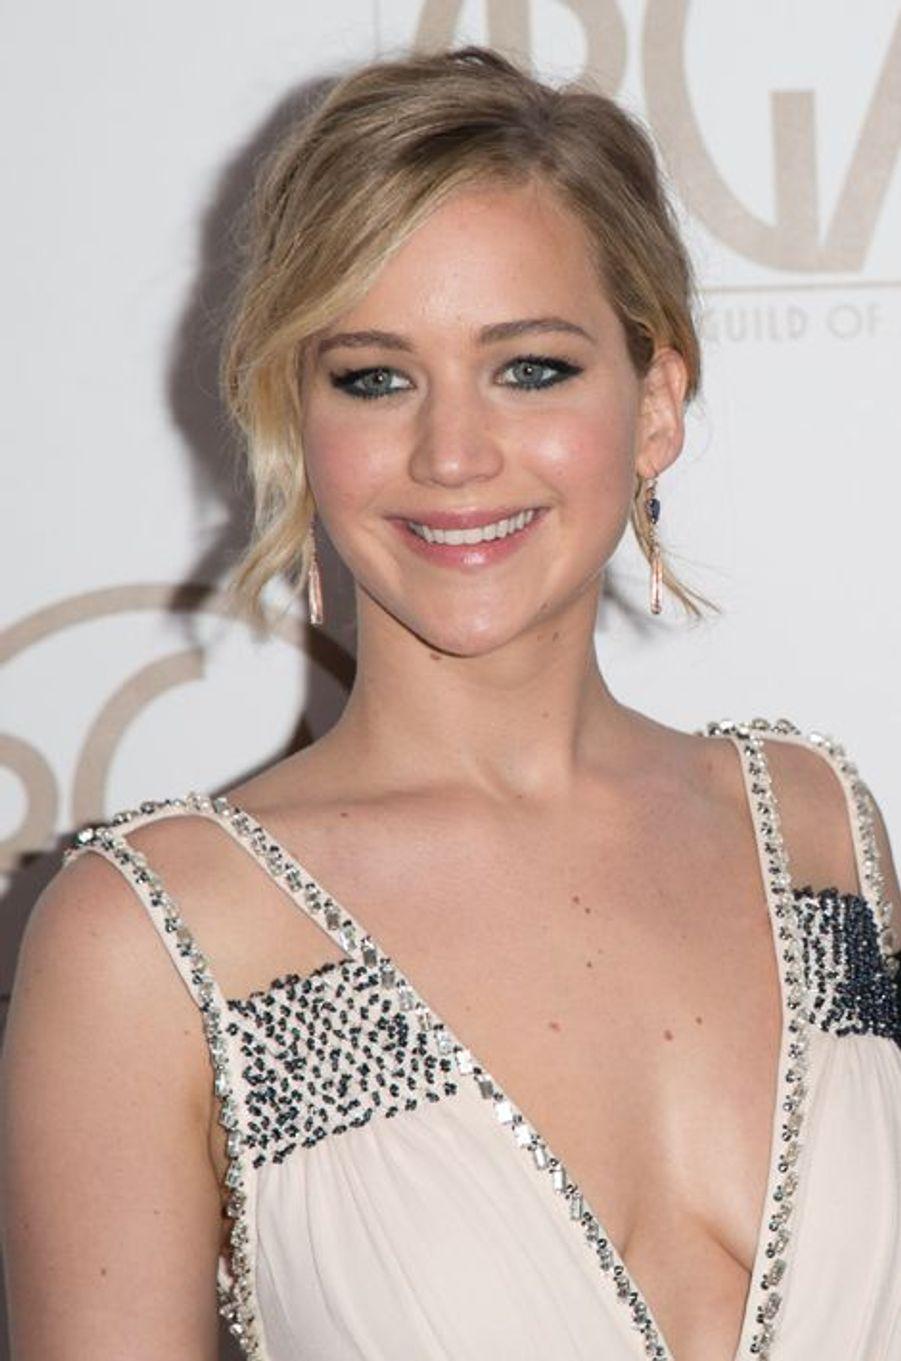 Avant de devenir la nouvelle star cool et branchée d'Hollywood, l'actrice de la saga «Hunger Games» en a bavé à l'école. «J'ai dû changer plusieurs fois d'établissement en primaire car les filles étaient beaucoup trop dures avec moi», a-t-elle confié au tabloïd The Sun en 2013. «Un jour, une fille m'a donné ses cartons d'invitation pour son anniversaire. Elle voulait que je les distribue à ses invités... dont je ne faisais même pas partie ! Mais ça a été, puisque j'ai craché dessus pour ensuite les jeter dans la poubelle. Il ne faut pas se morfondre pour des abrutis. On en croise toute notre vie».